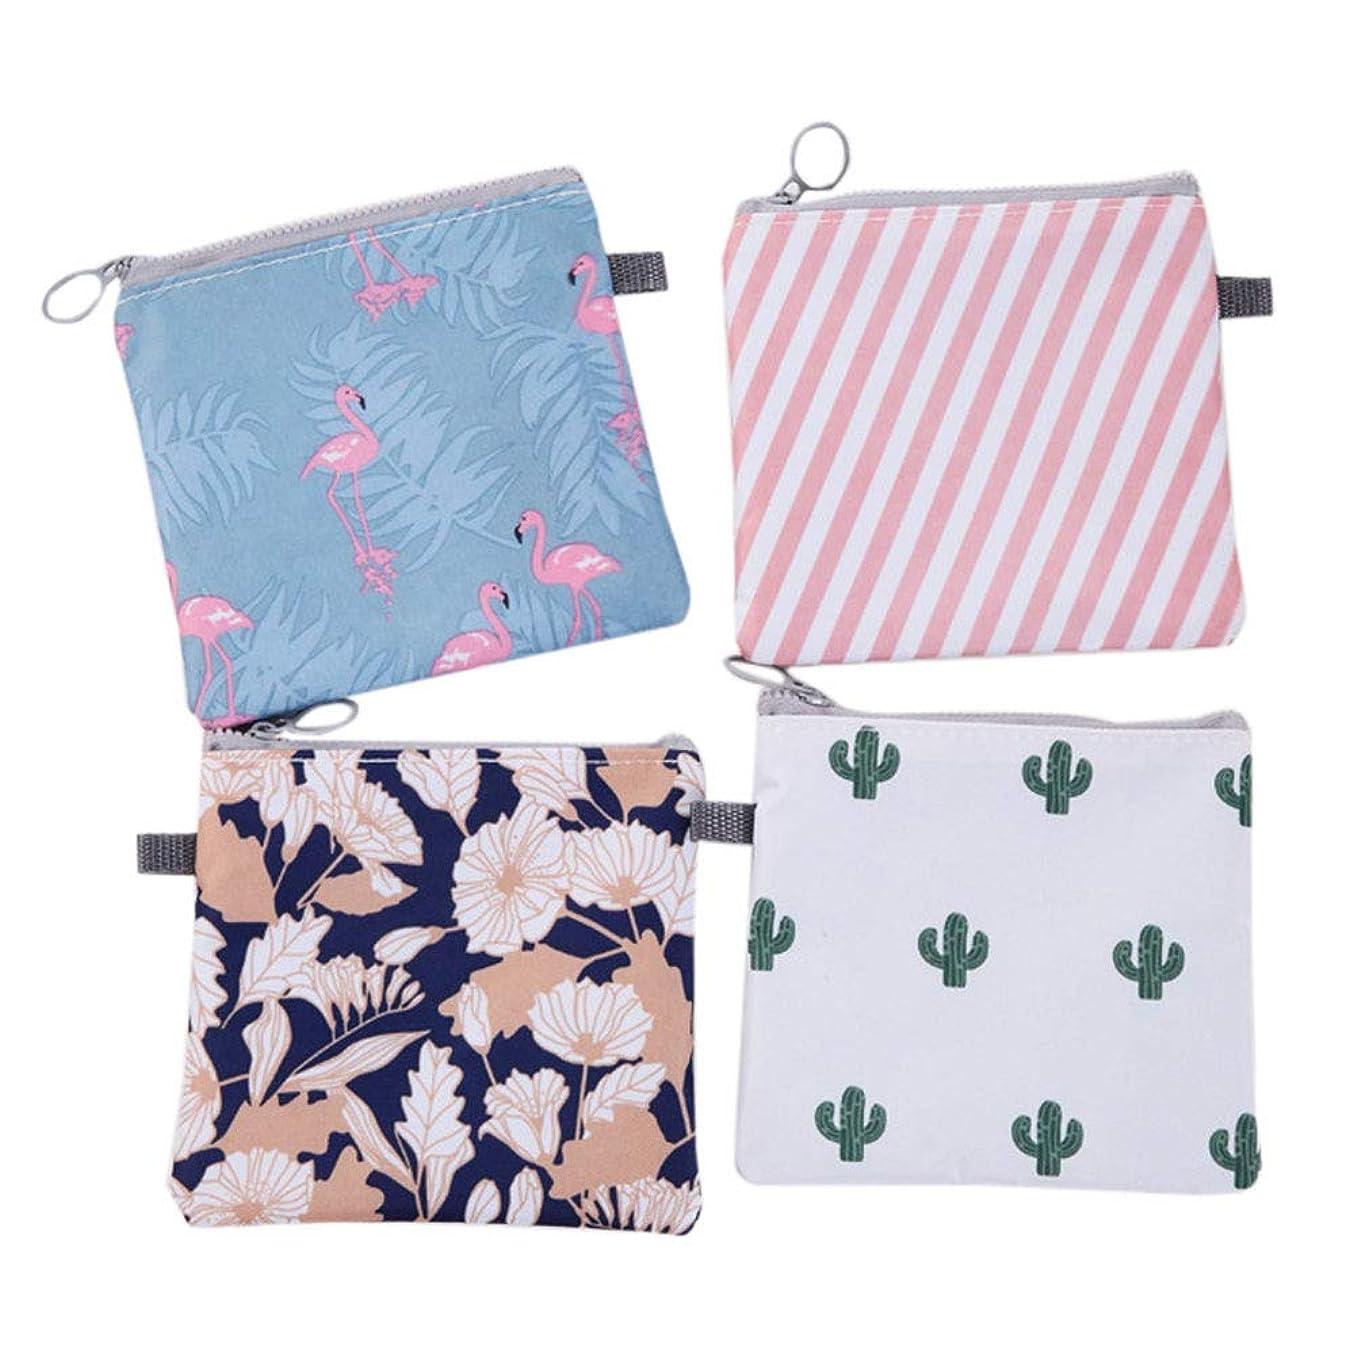 いうに対応明らかHealifty ママ布パッドバッグ4個ジッパー生理用ナプキンバッグタンポン女性のためのバッグのページを集める女の子(ランダムパターン)